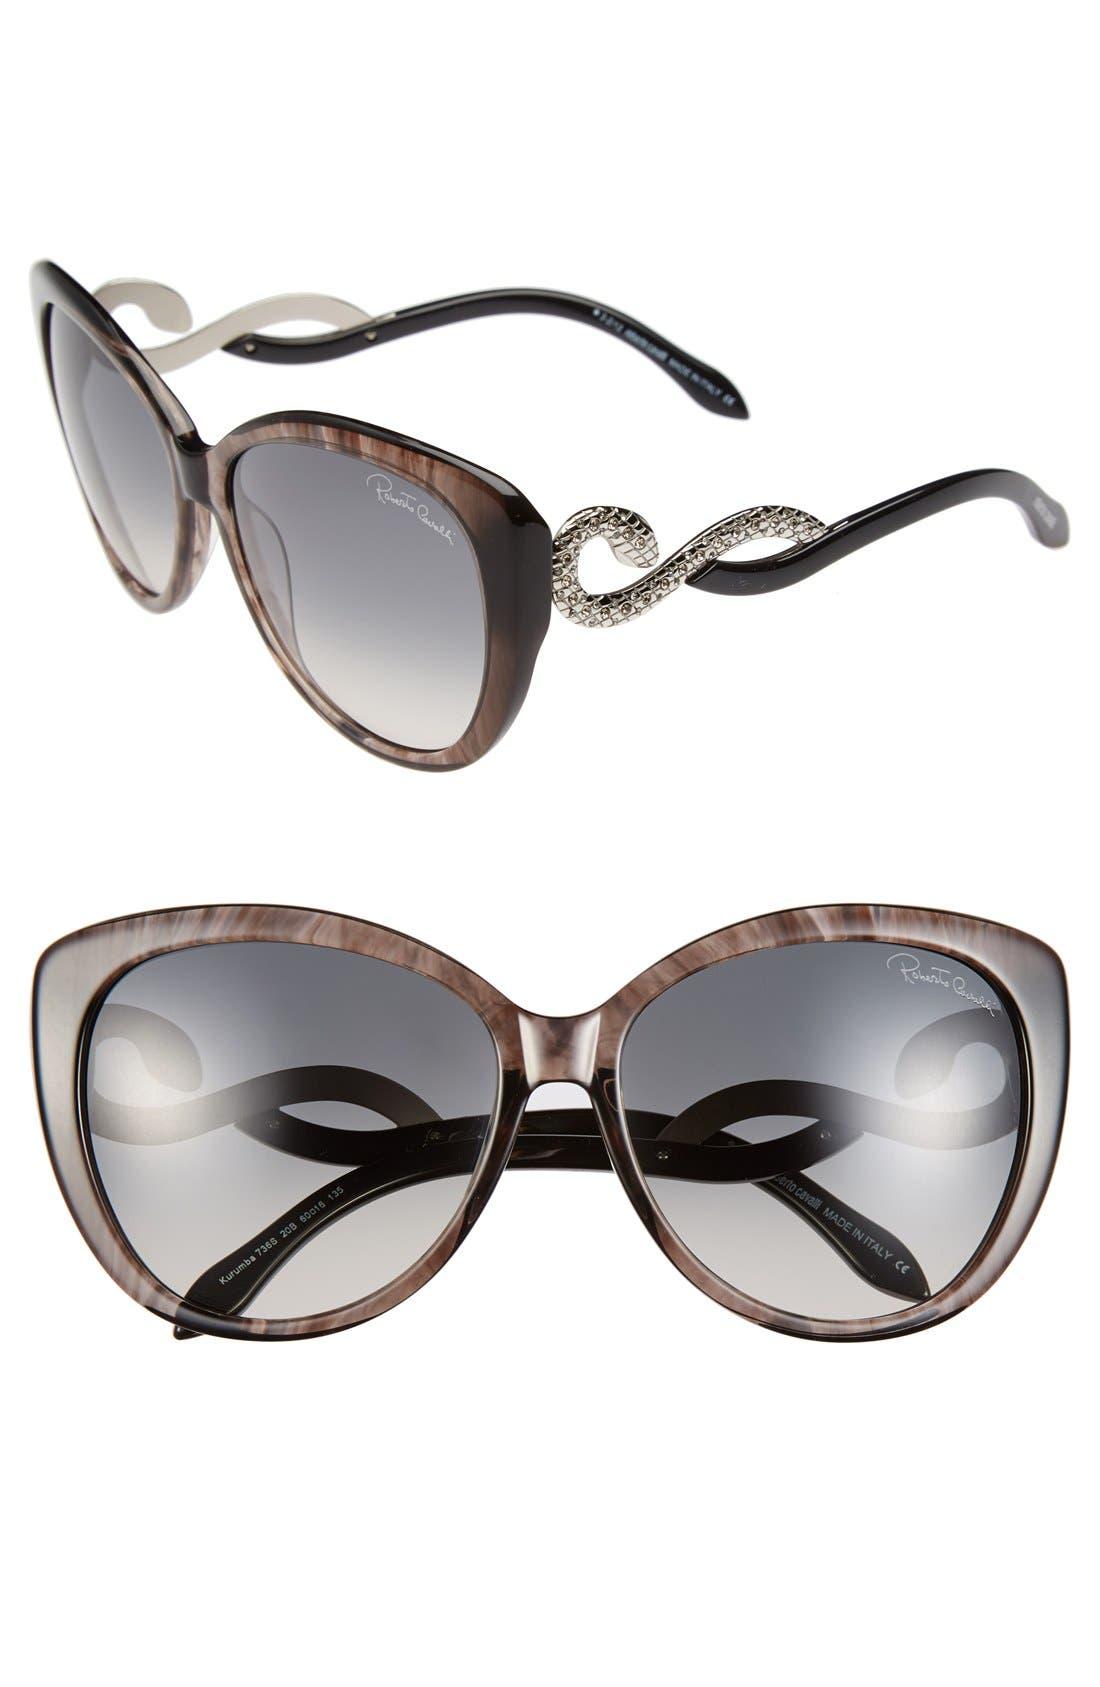 Alternate Image 1 Selected - Roberto Cavalli 'Kurumba' 60mm Oversized Sunglasses